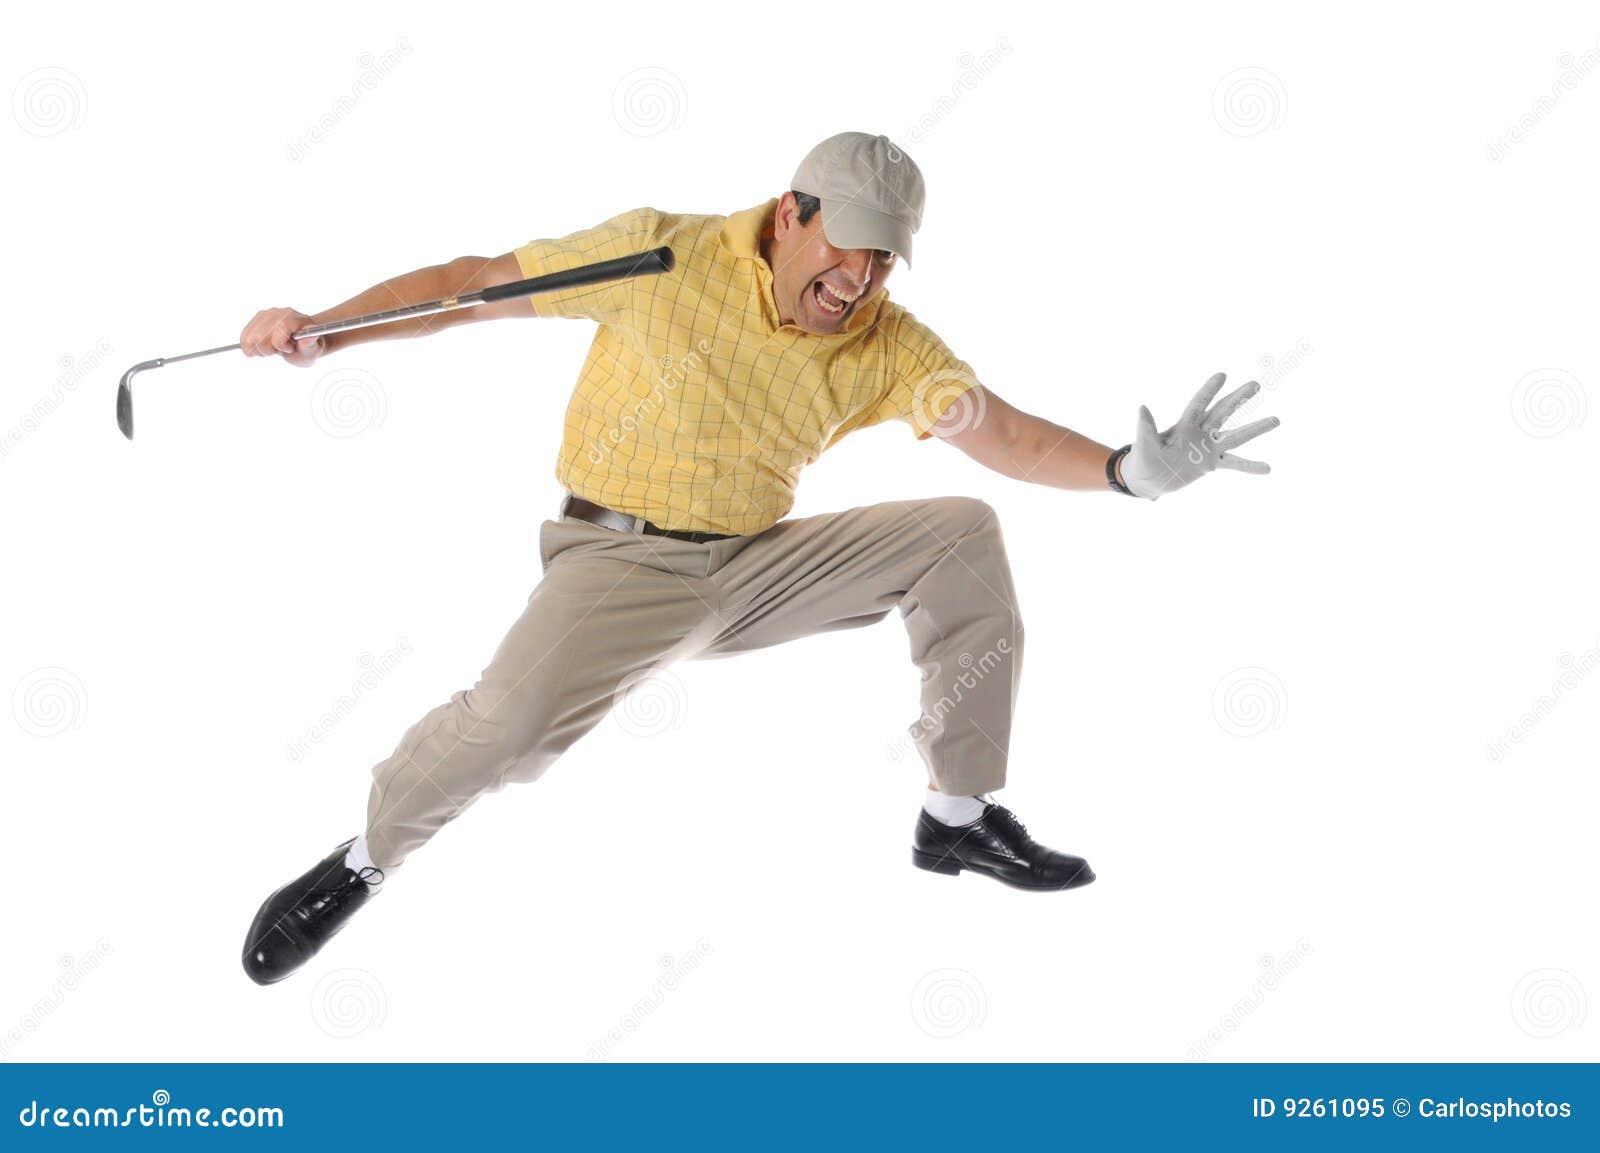 Golfspeler jumpinp